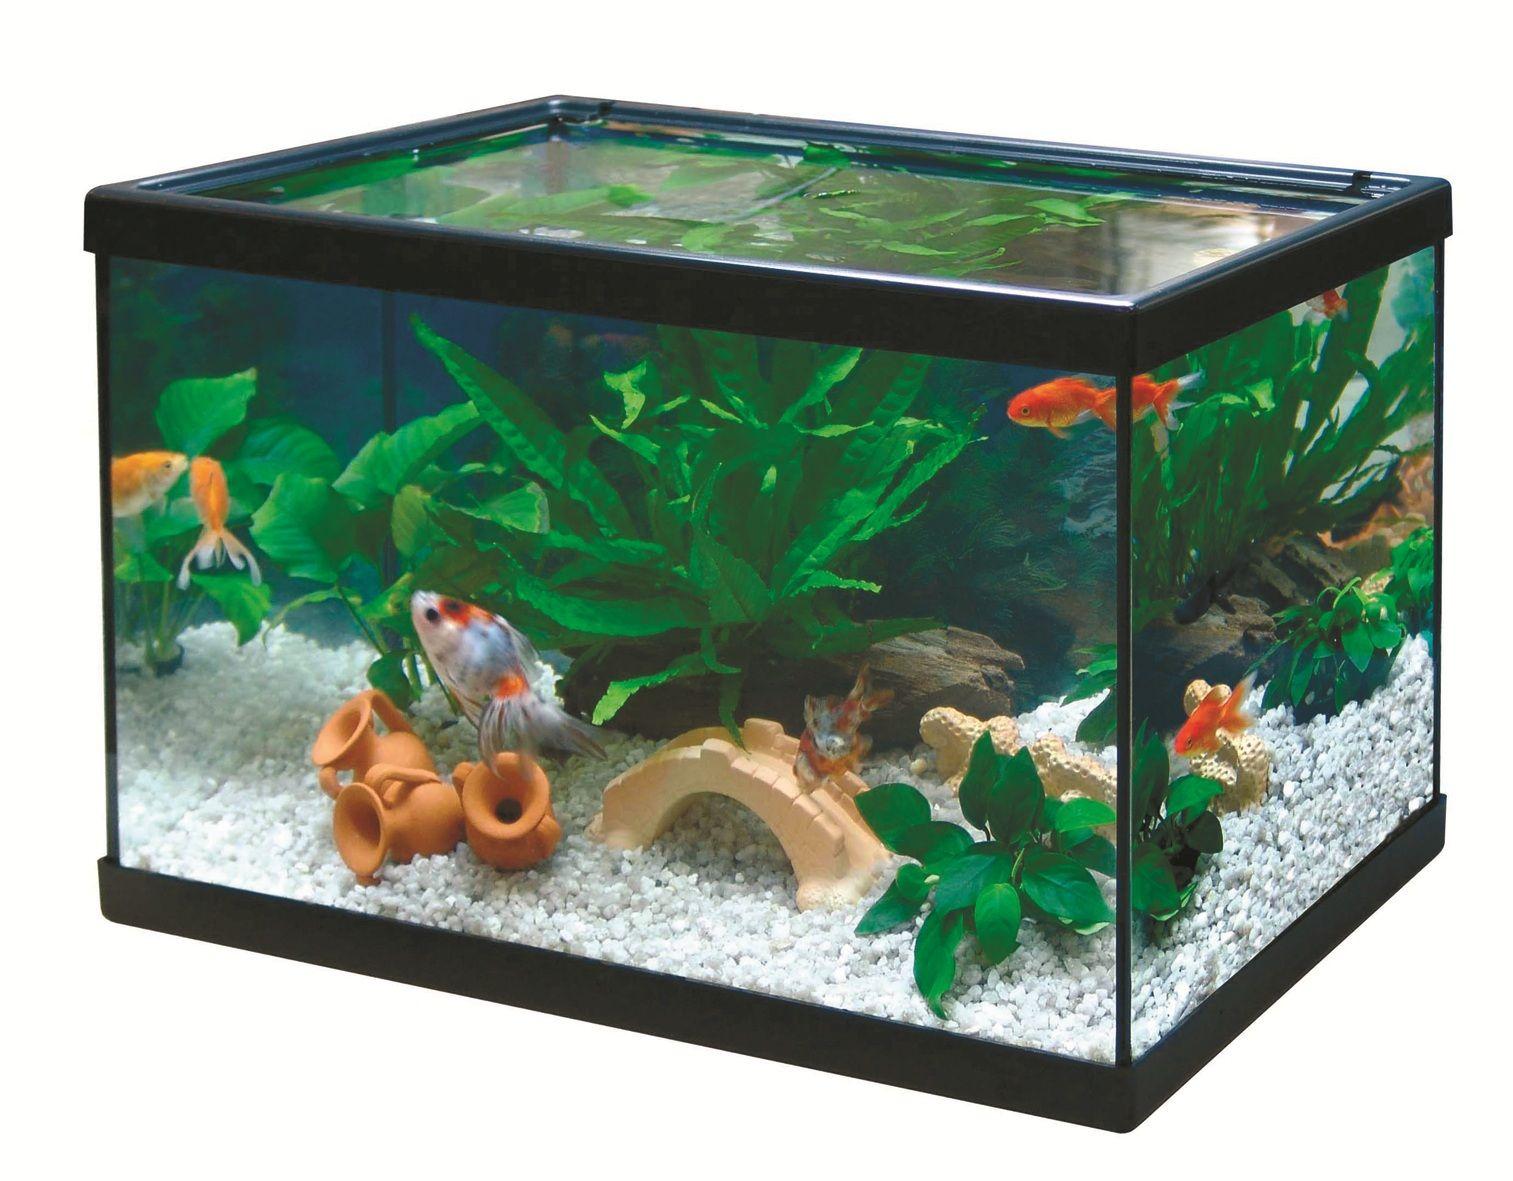 C mo tener y cuidar una pecera pecera fish peces - Peceras de diseno ...